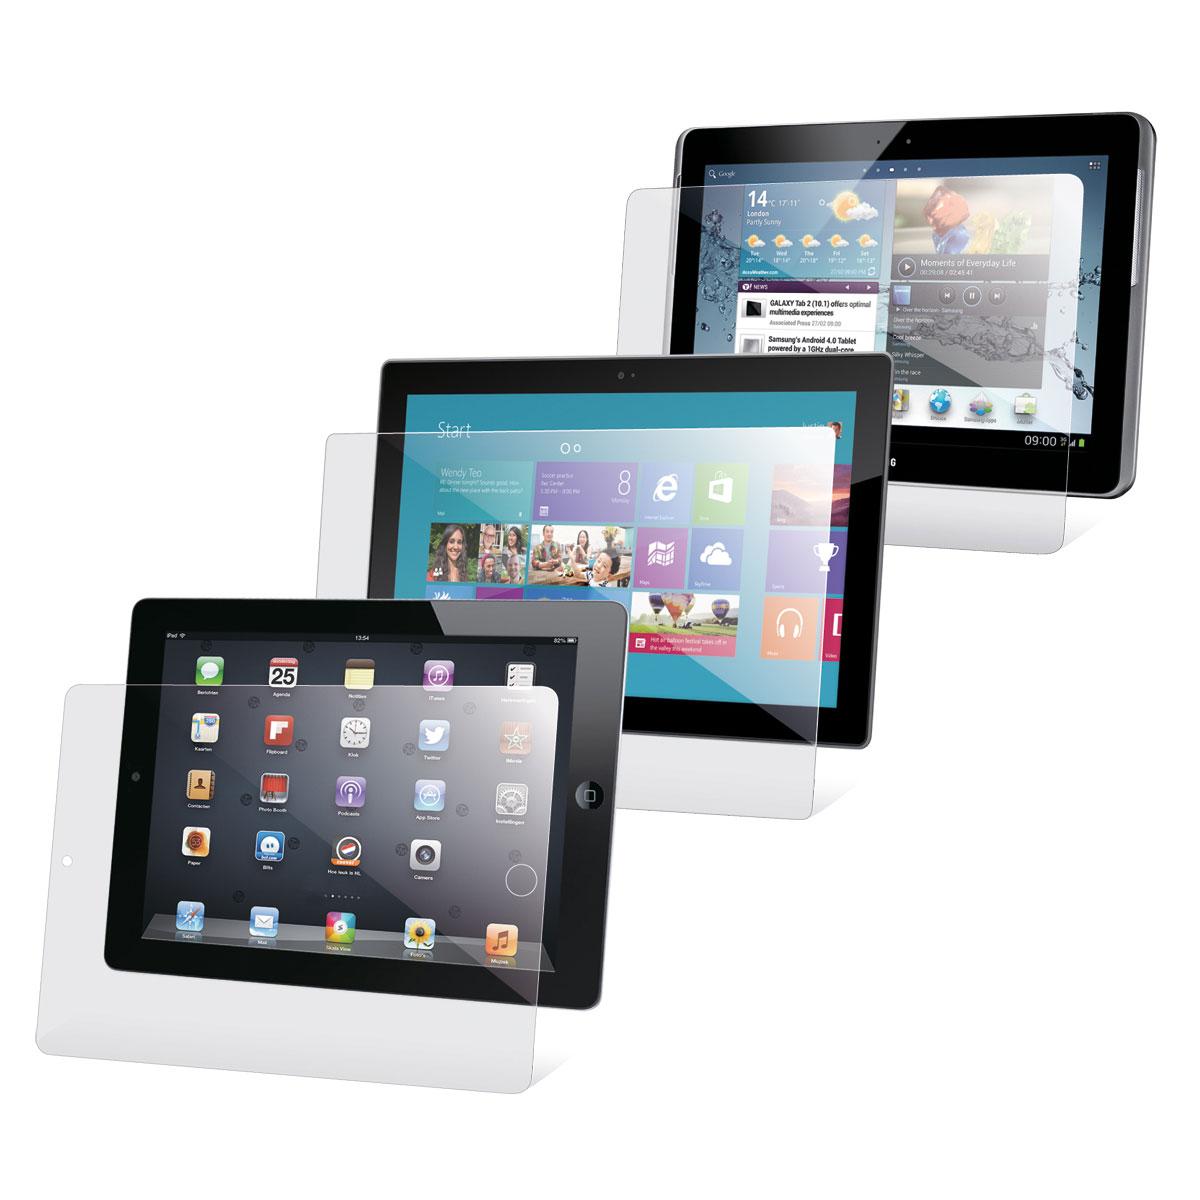 Film de protection pour ipad air par 2 film protecteur for Photo ecran tablette